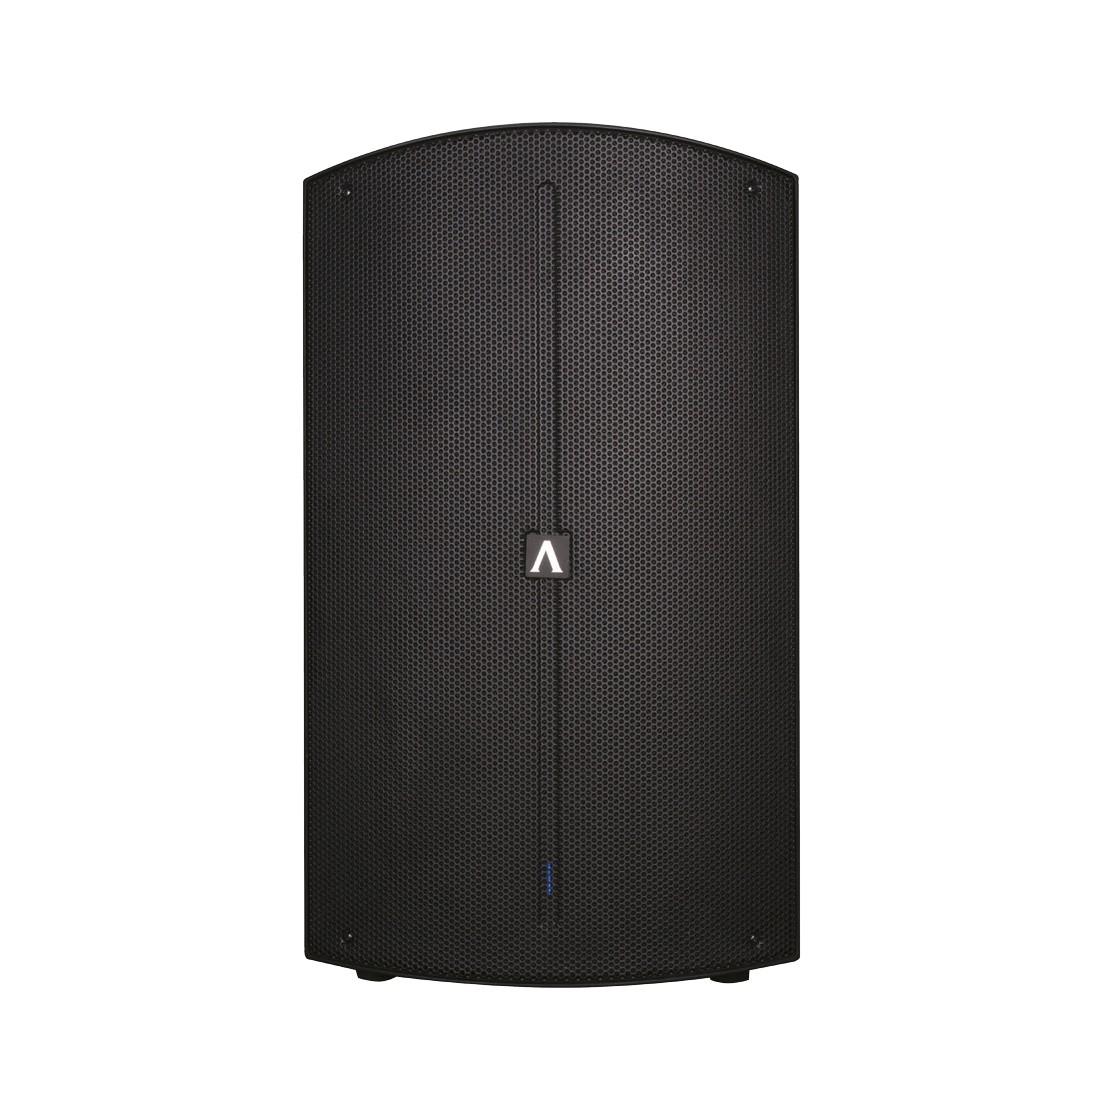 Avante Audio Avante A15